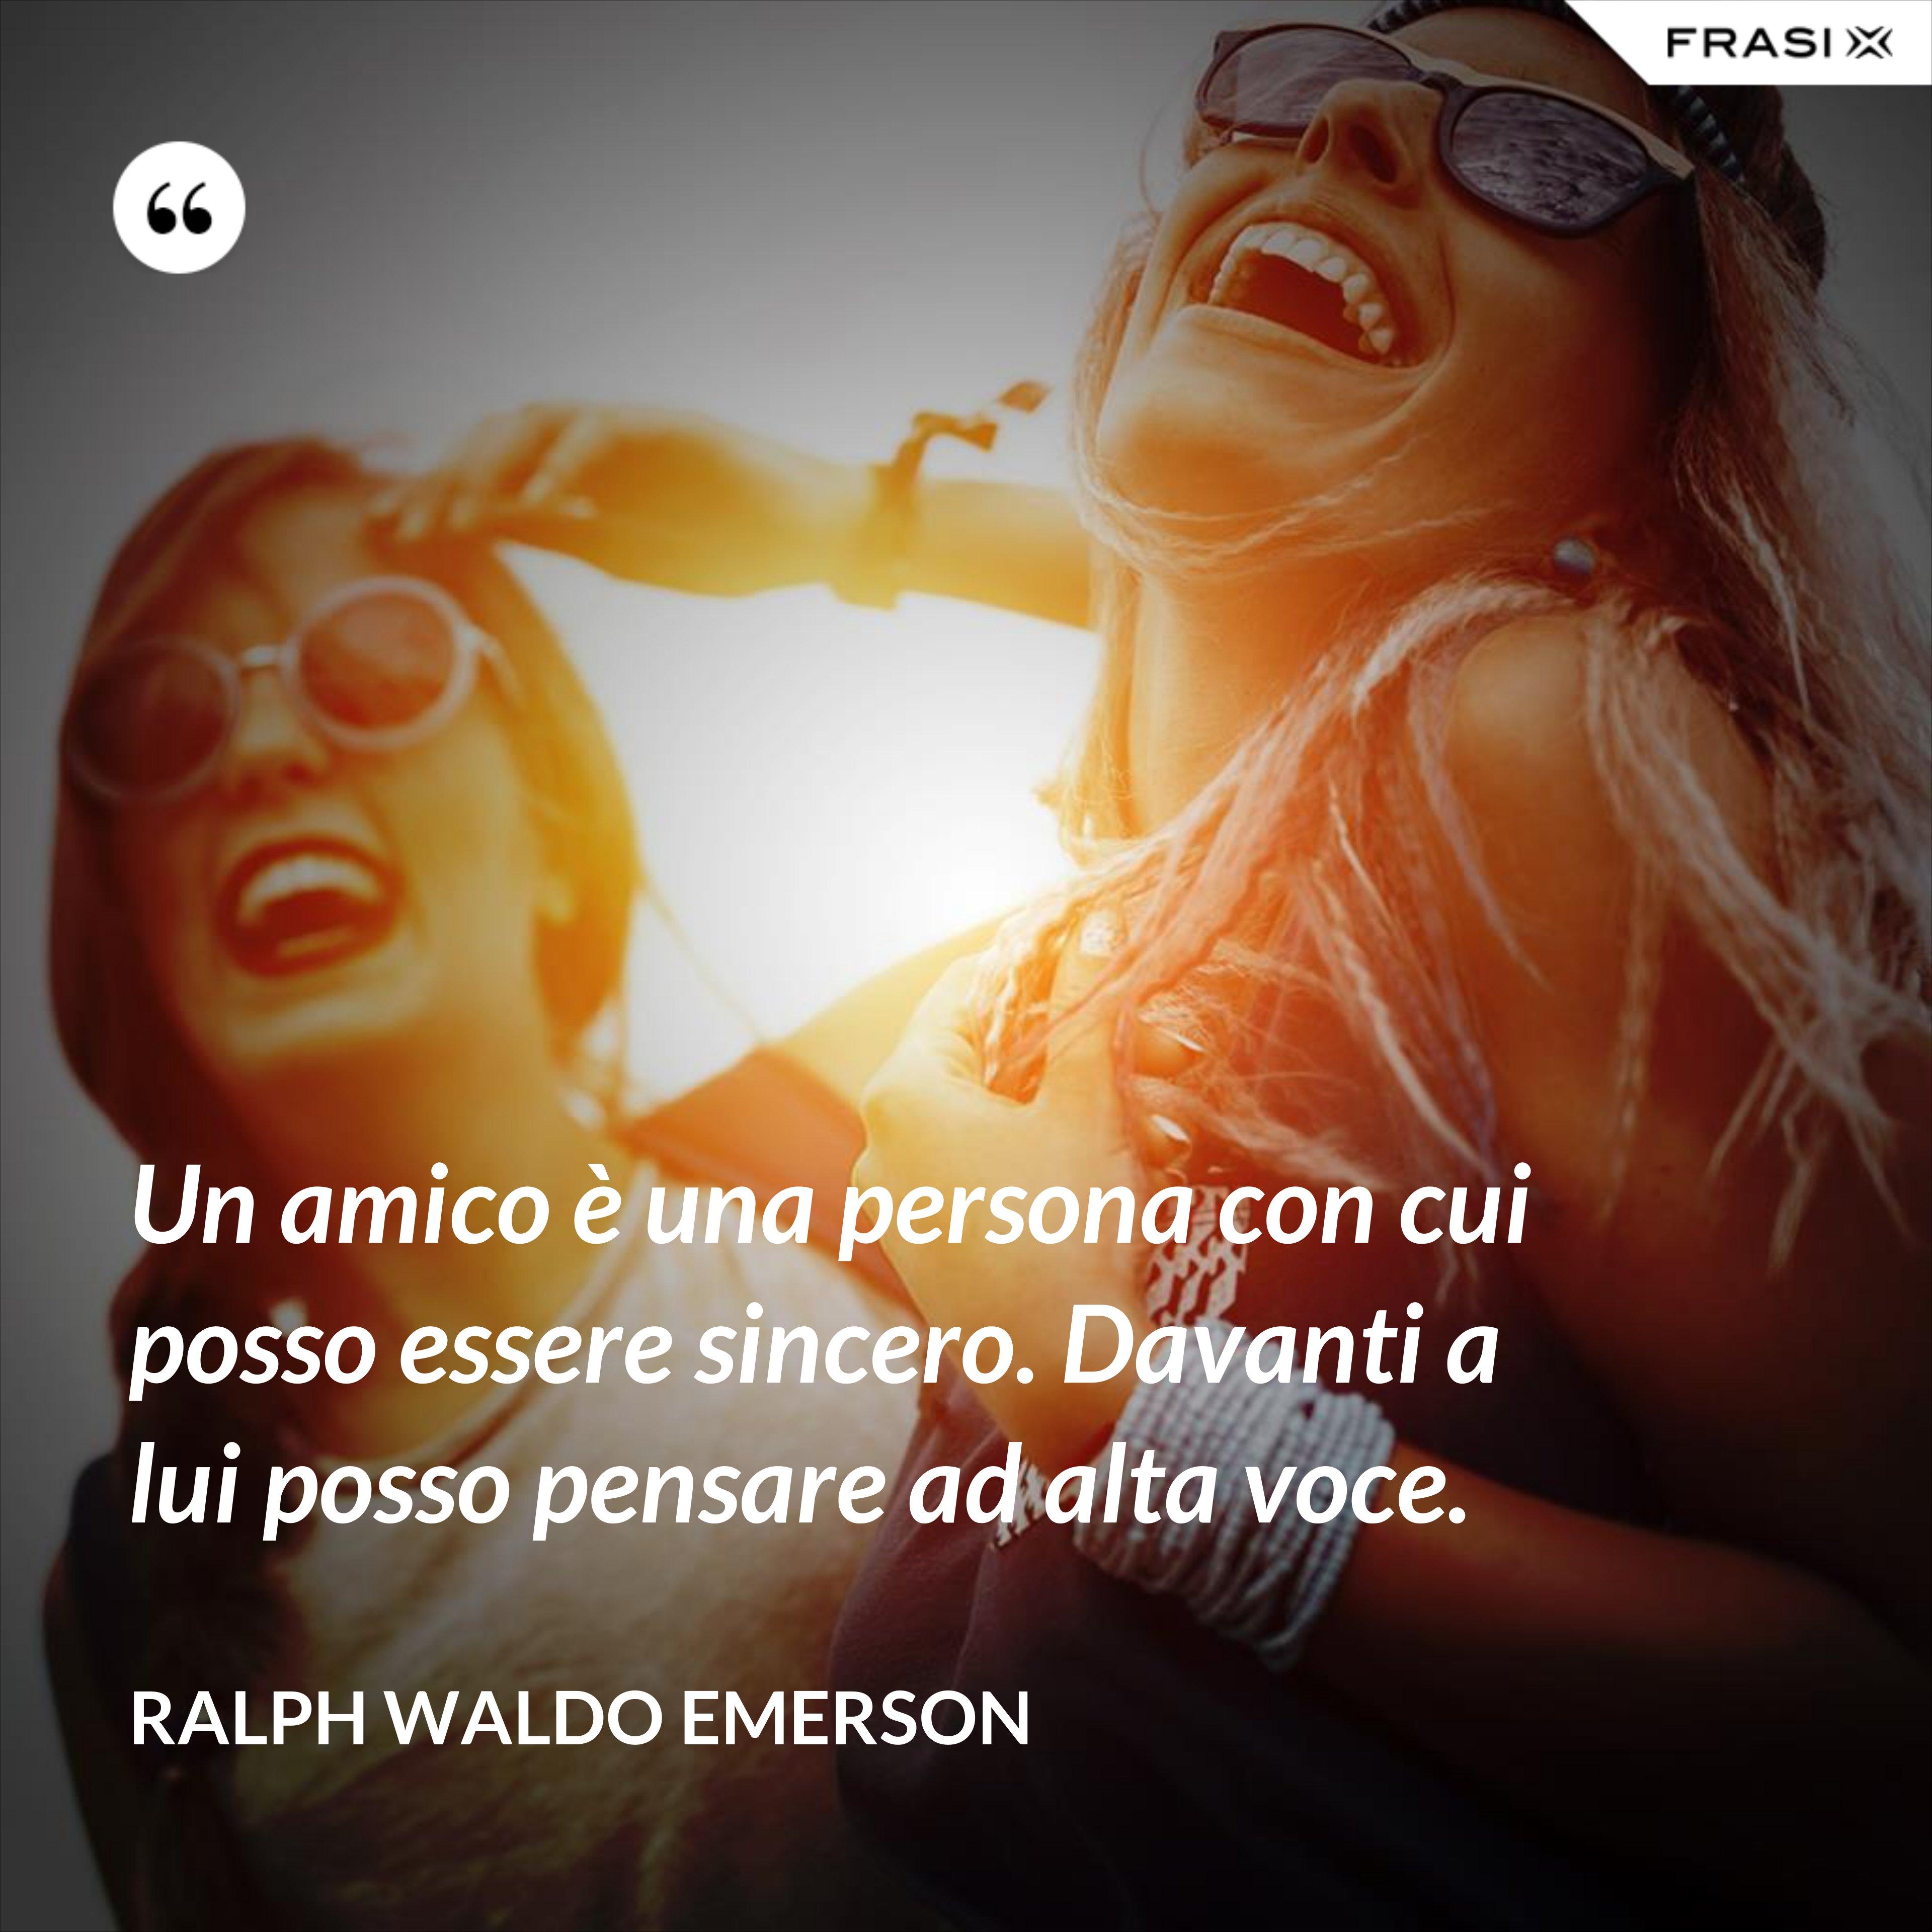 Un amico è una persona con cui posso essere sincero. Davanti a lui posso pensare ad alta voce. - Ralph Waldo Emerson